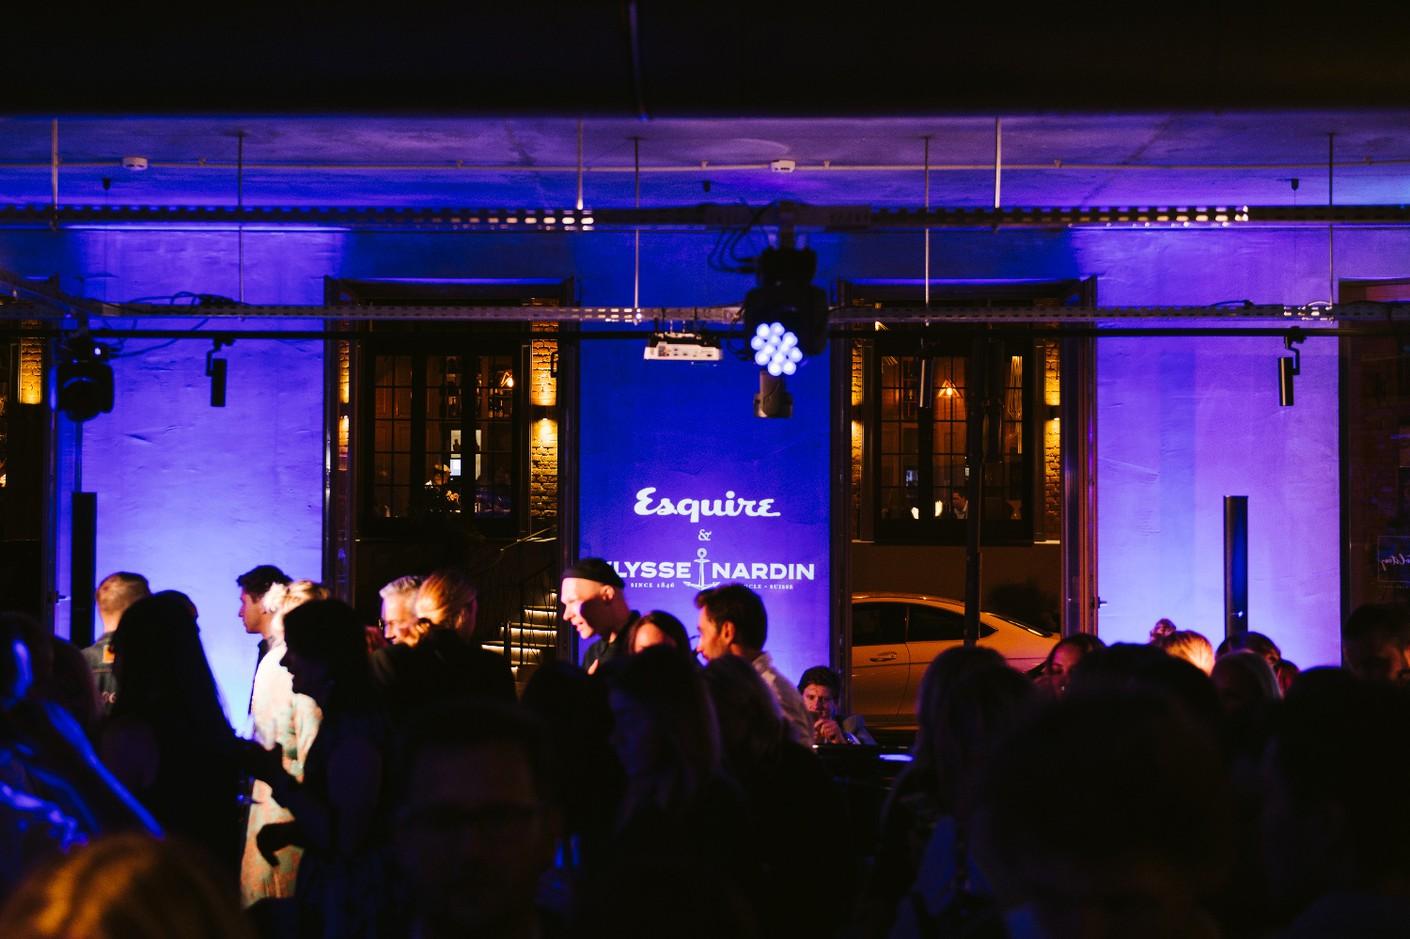 Вечеринка Esquire и Ulysse Nardin в ресторане 23 Tolstoy